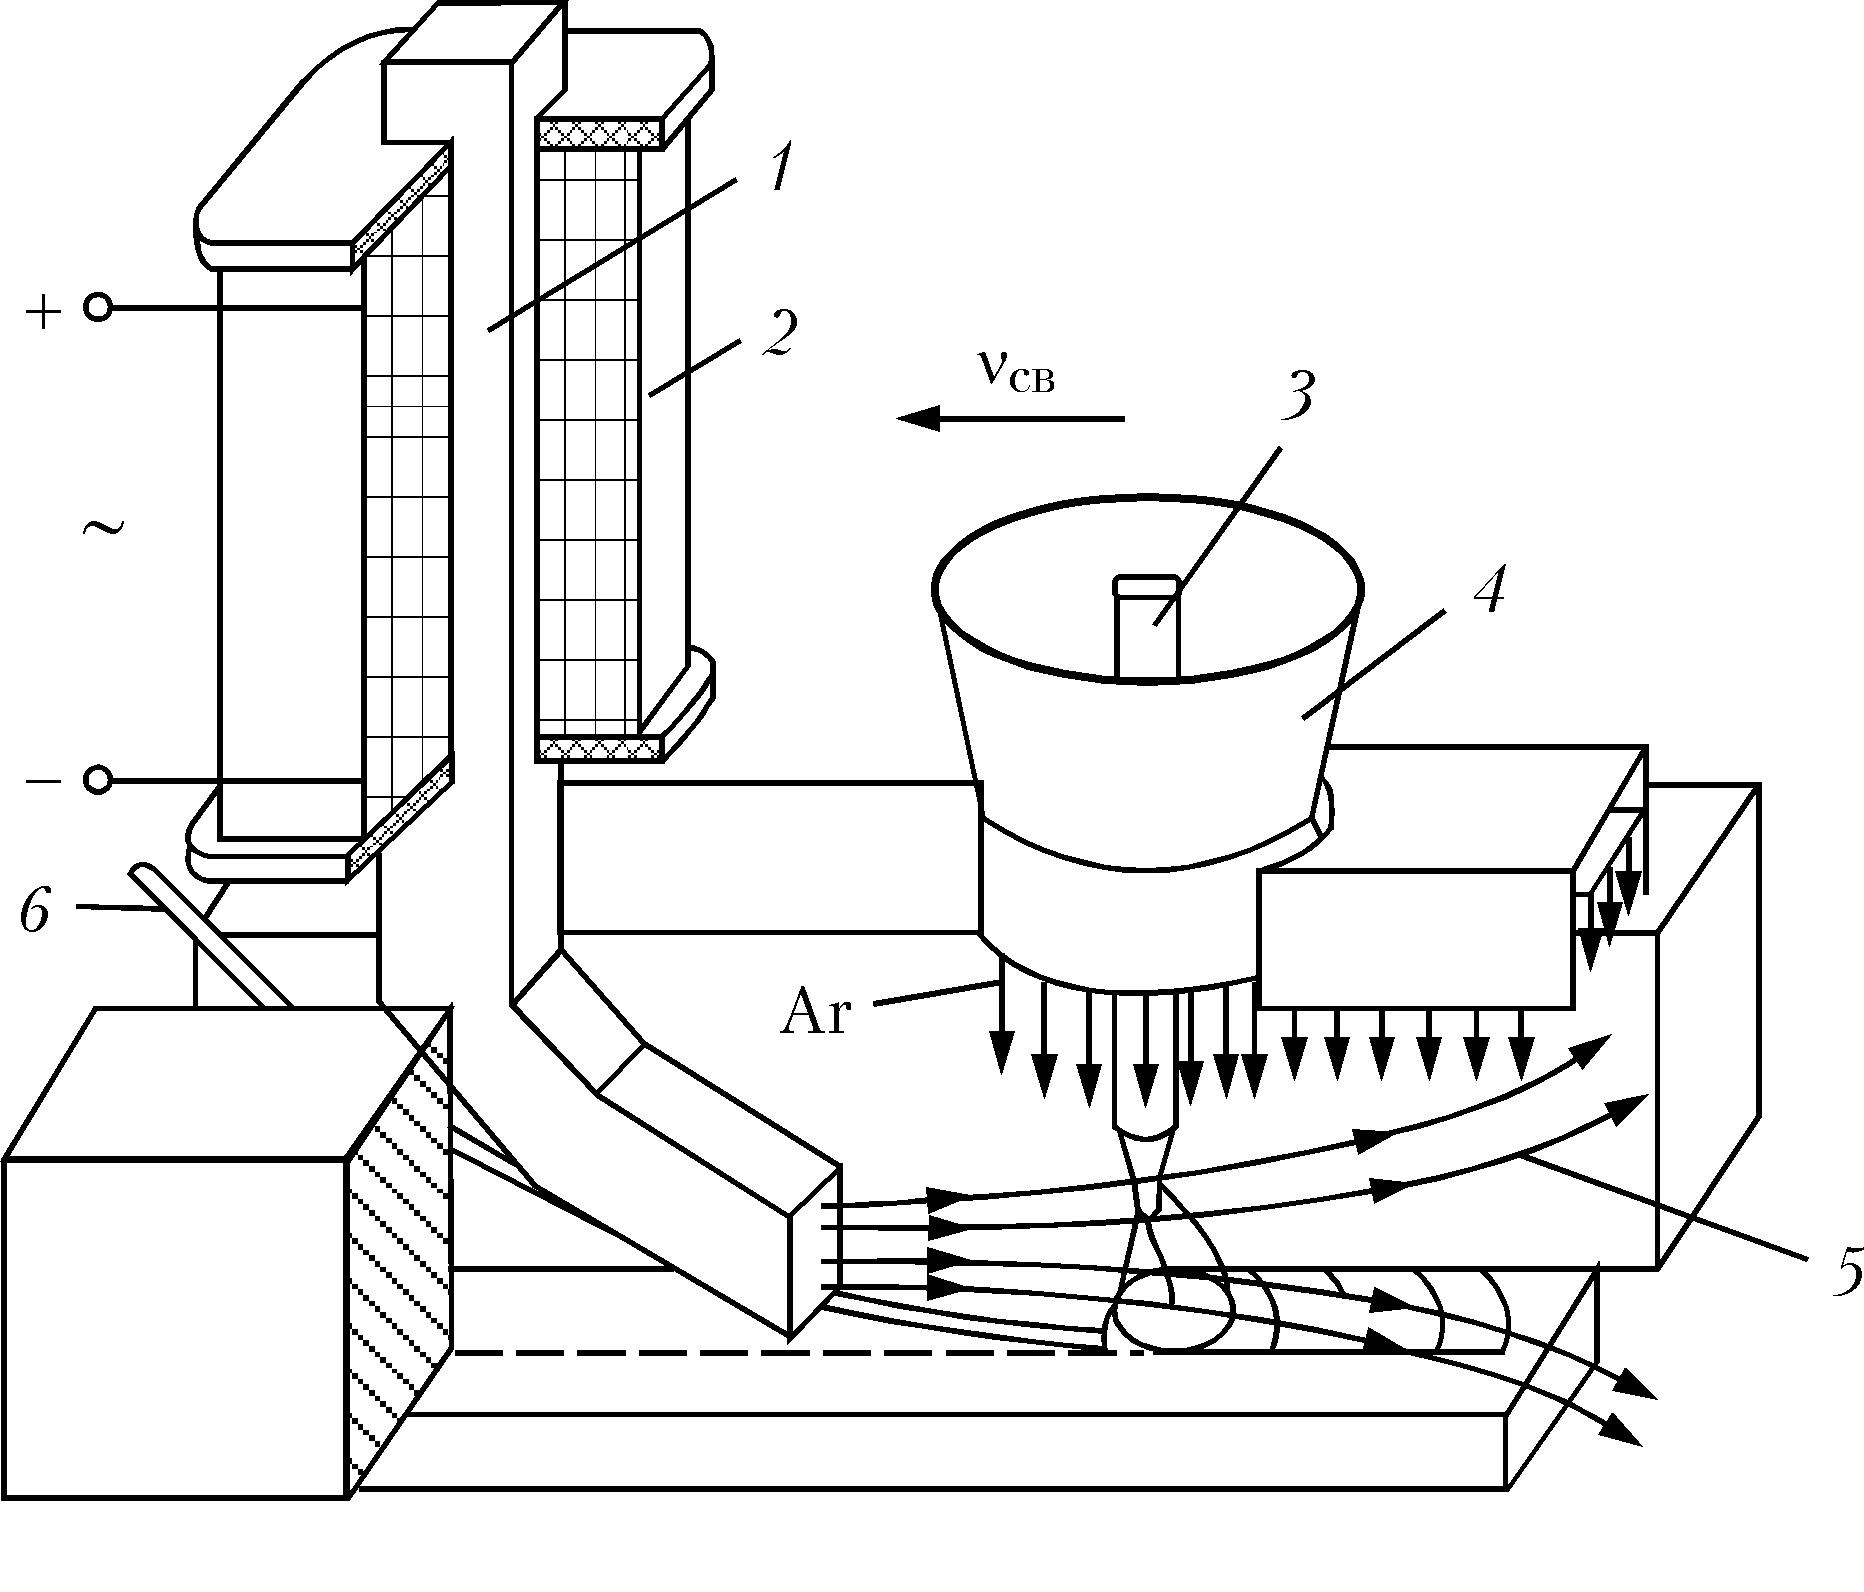 Сварка титана аргоном: параметры и технология, специфика сварки титана и его сплавов в среде аргона, камеры для аргонодуговой сварки